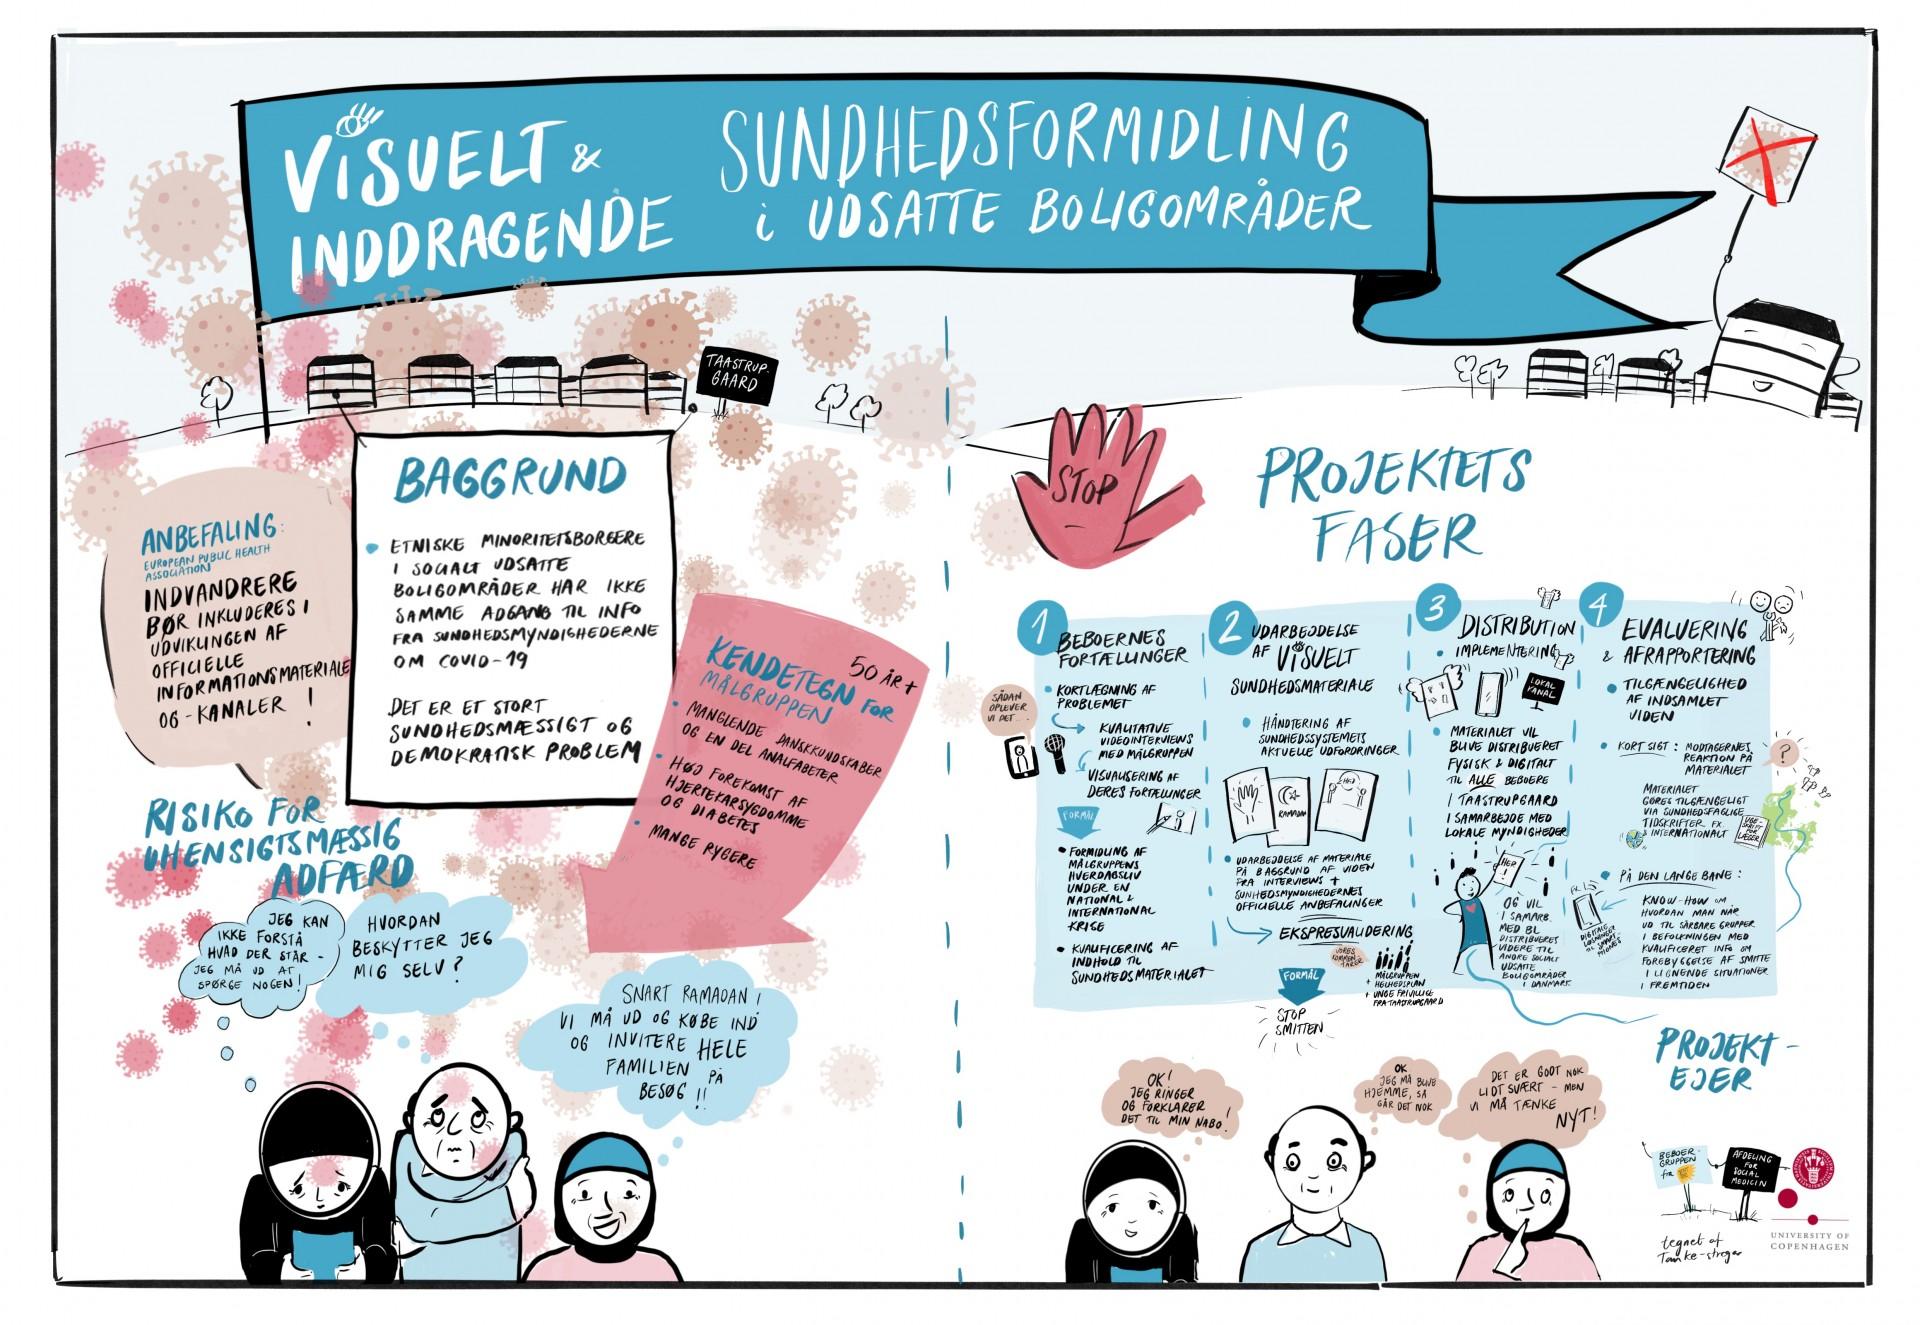 visuelt_og_inddragende_sundhedsformidling_final